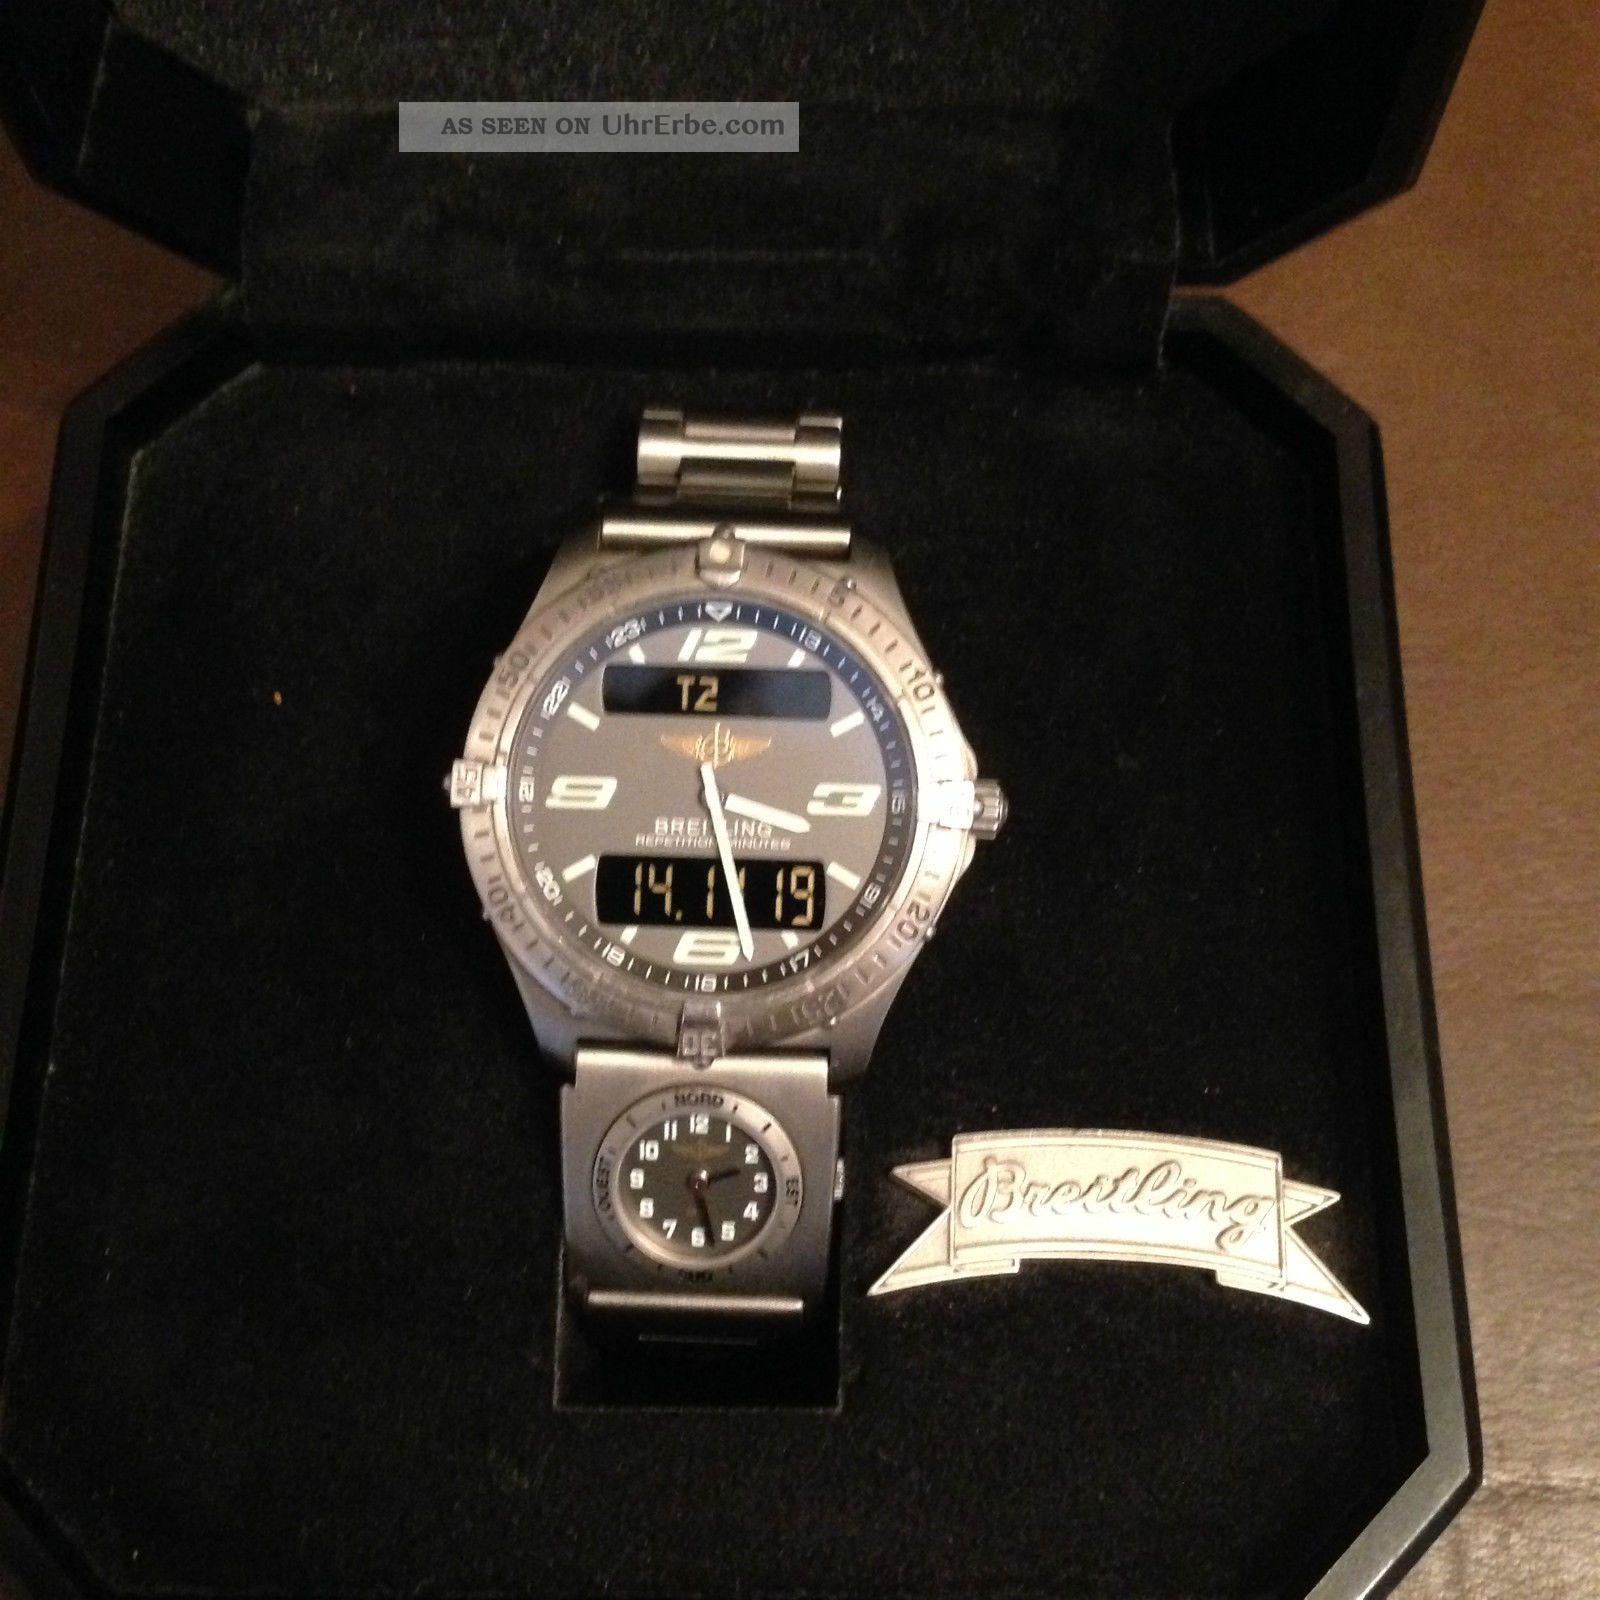 Breitling Uhr Aerospace Titan Armbanduhren Bild